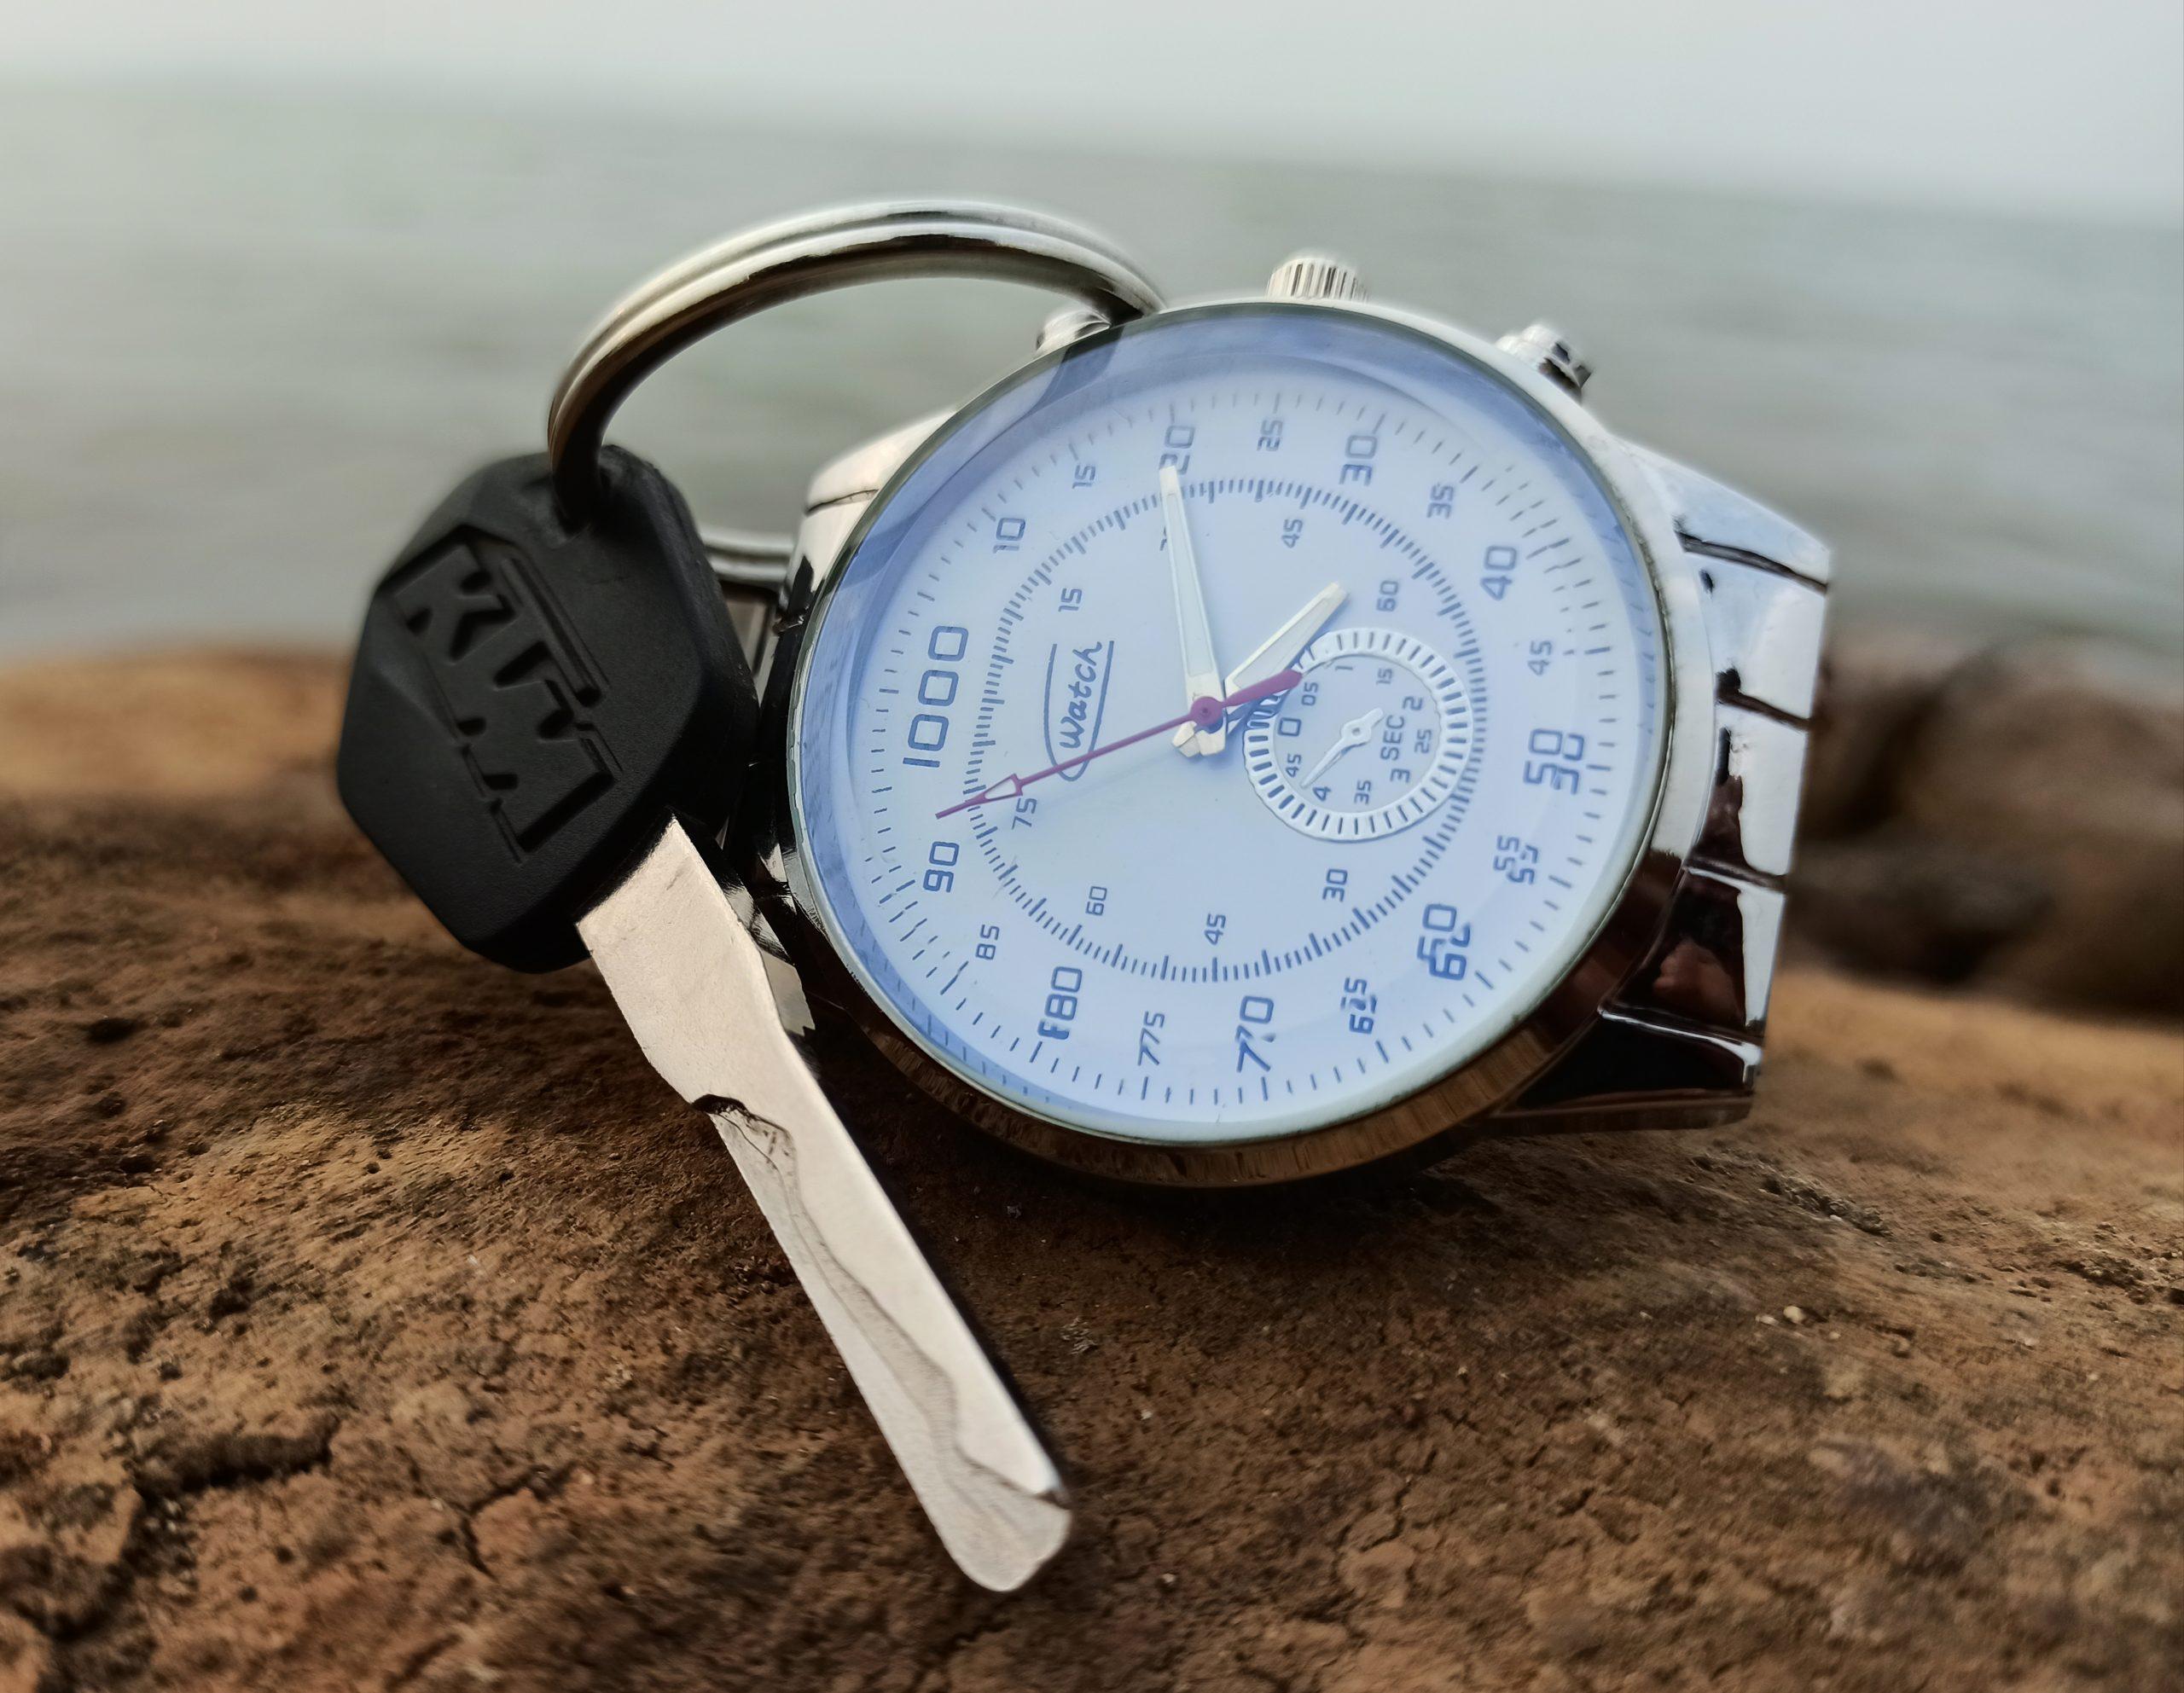 Wrist watch and KTM bike key